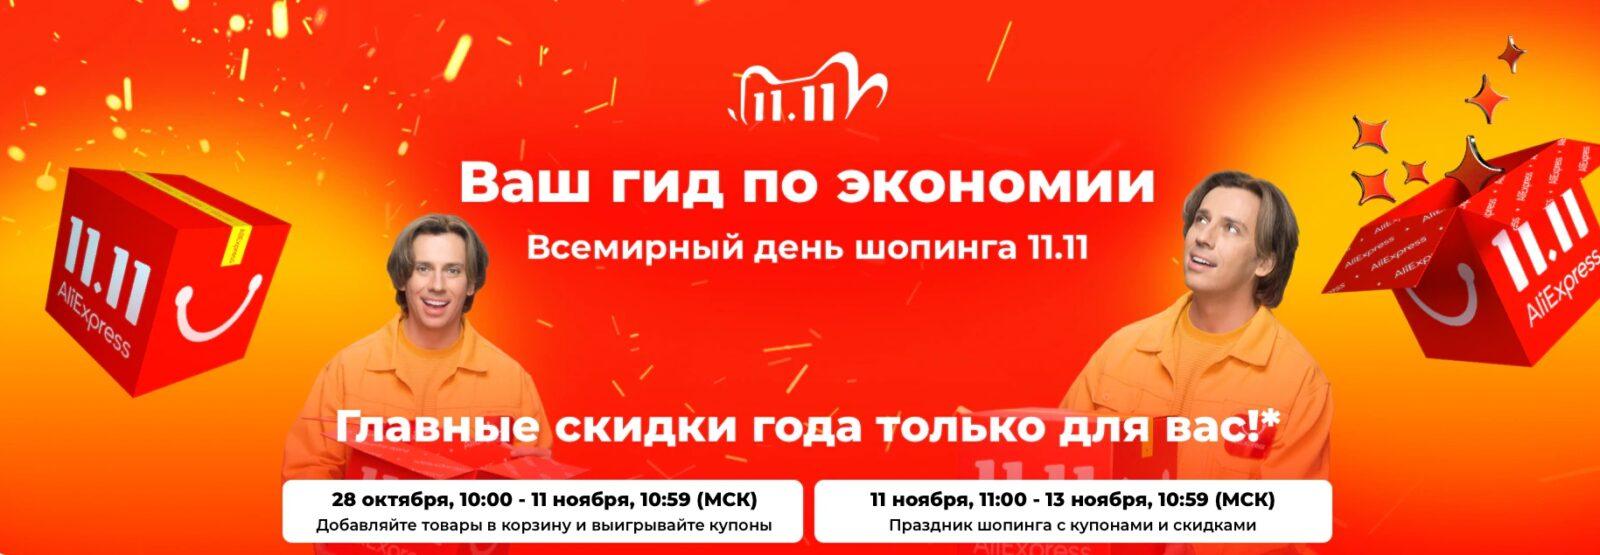 Ваш гид по экономии на всемирный день шоппинга 11.11